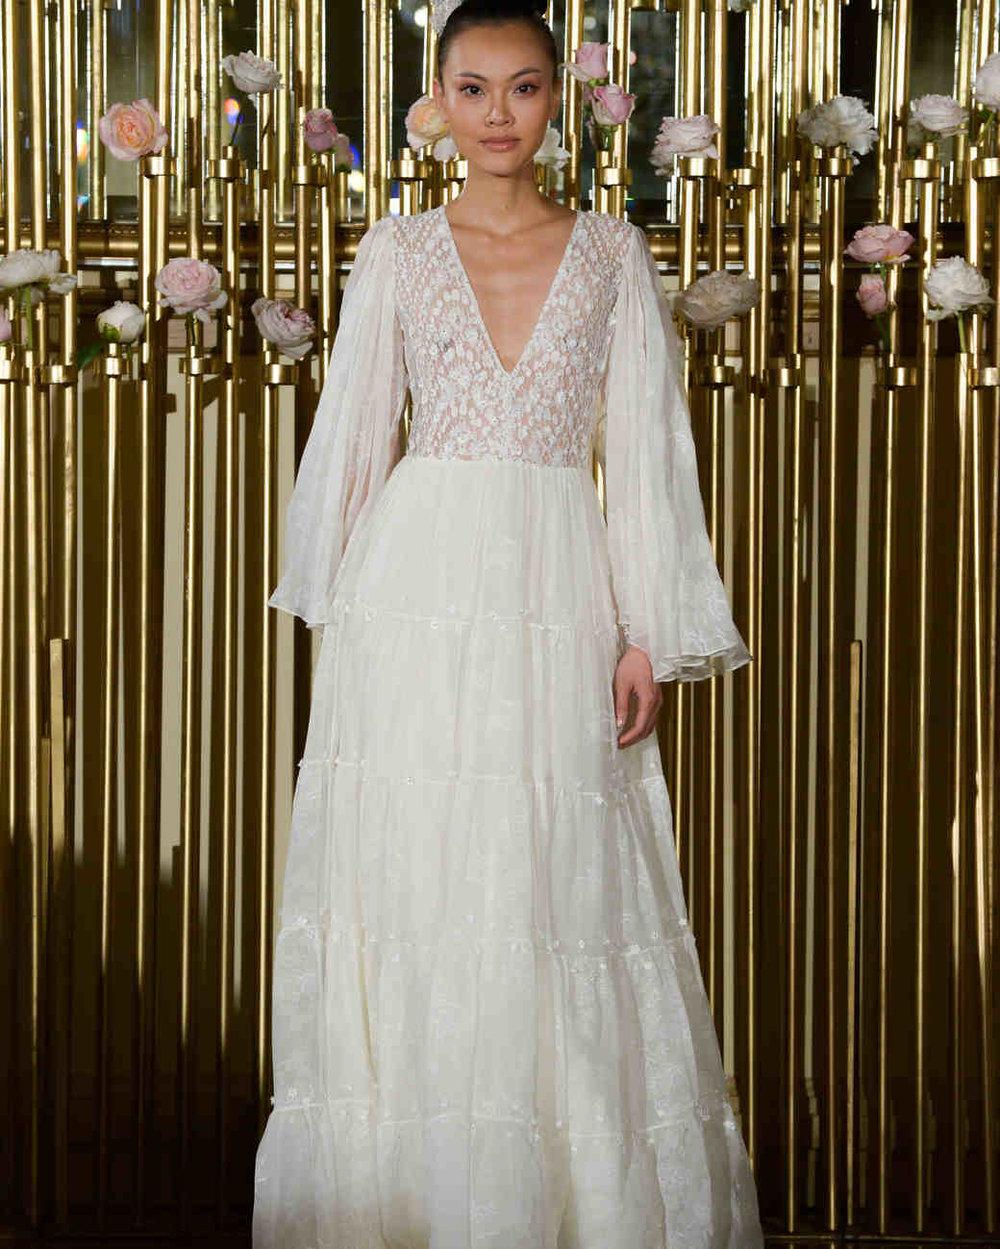 francesca-miranda-wedding-dress-spring2018-6339053-004_vert.jpg